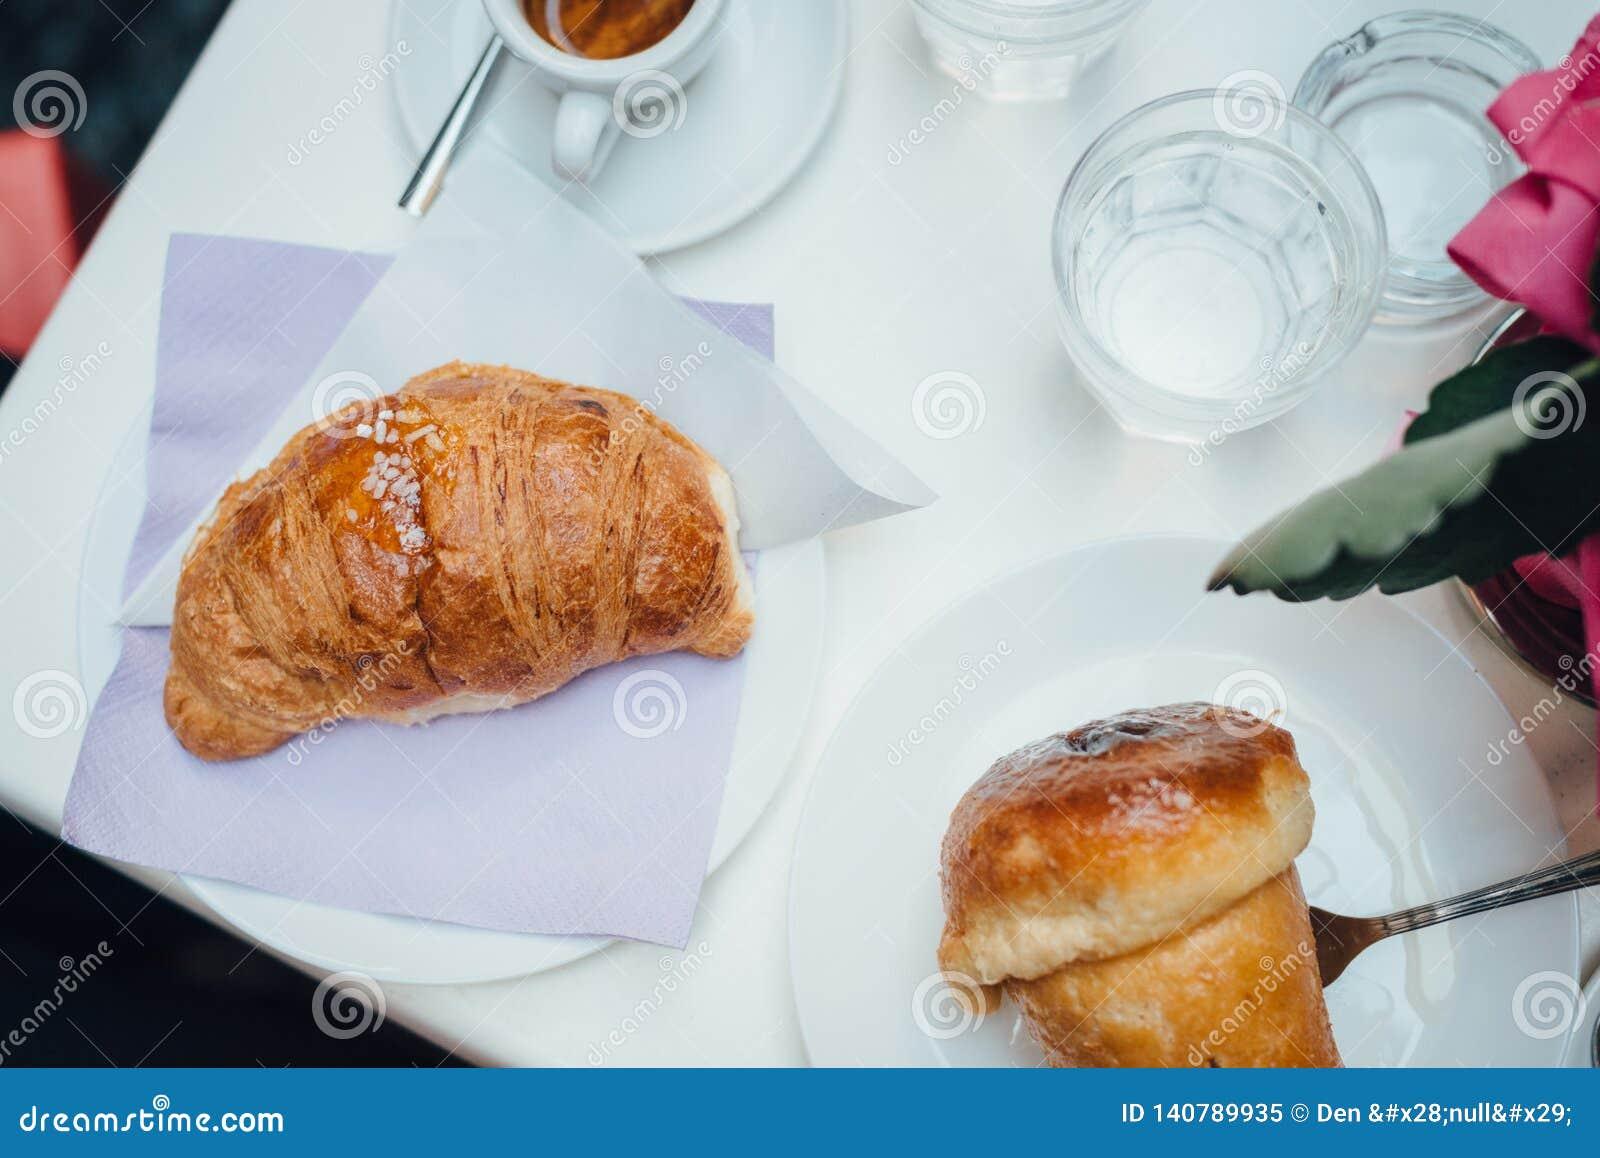 Neapolitanisches Frühstück flatlay